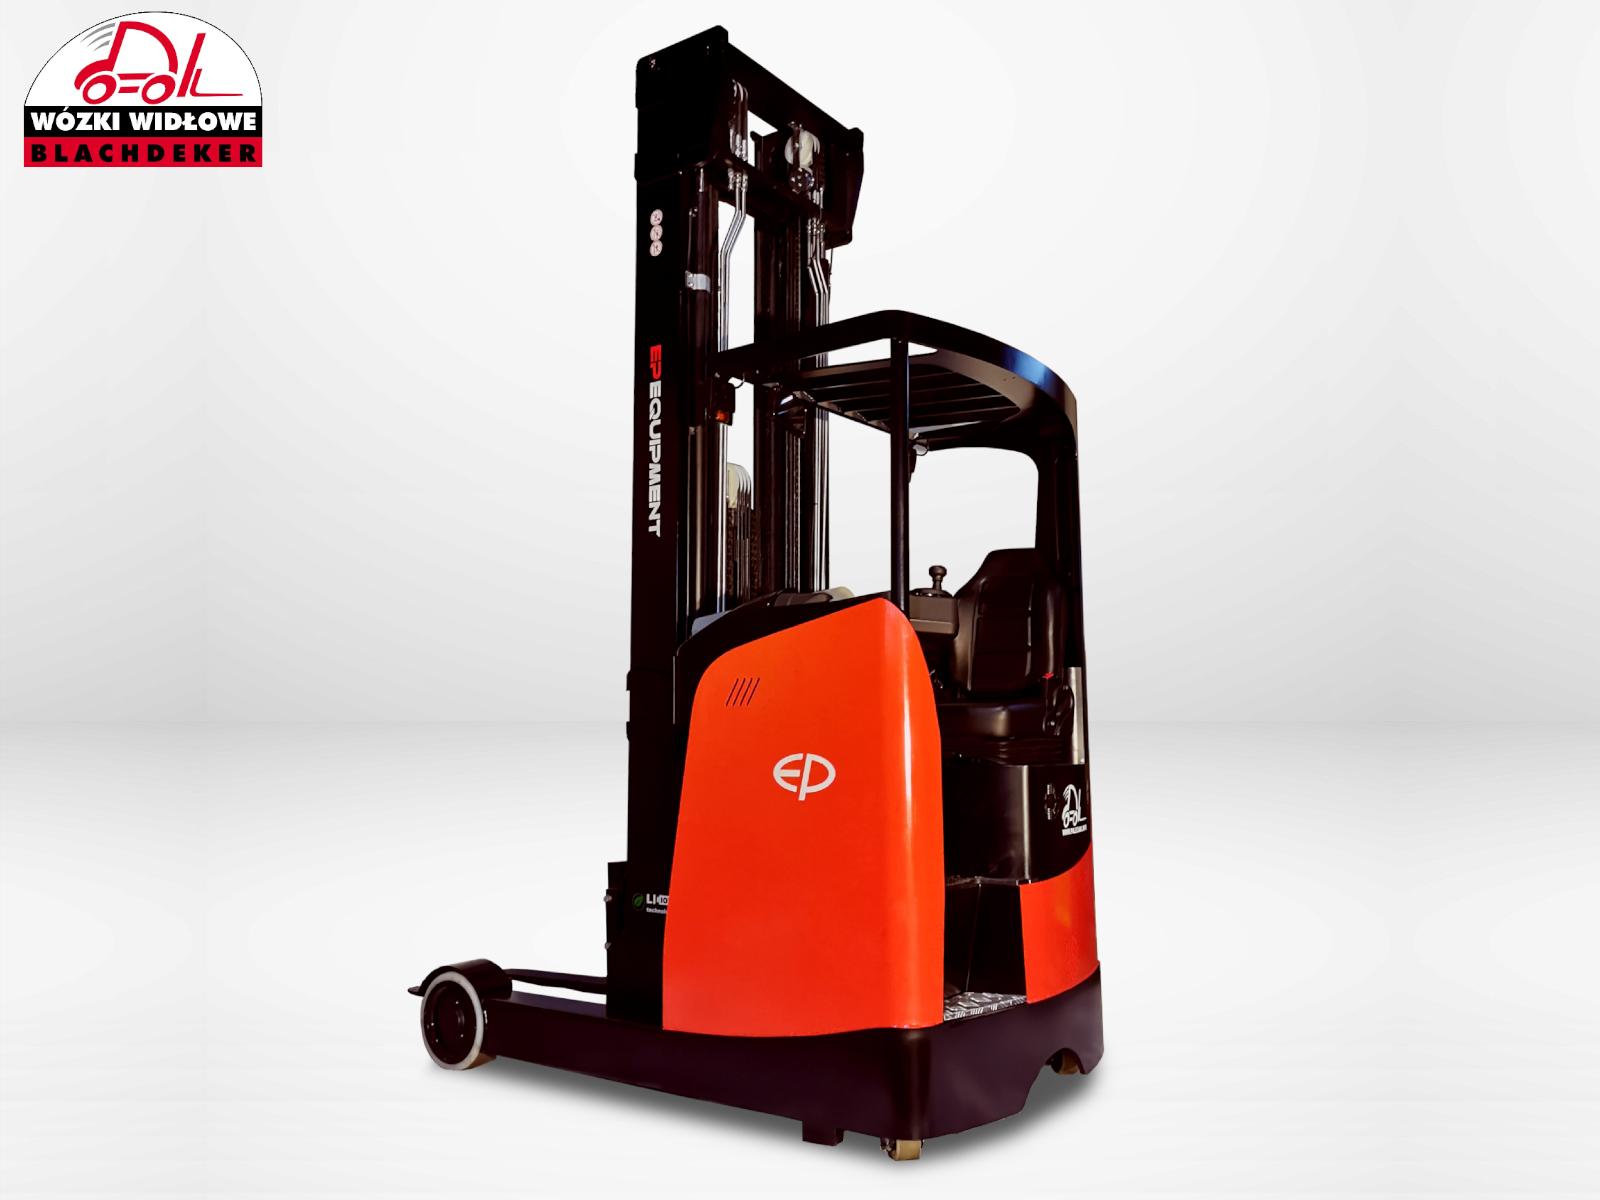 High storage pallet truck EP Reach Truck CQD 20RVF